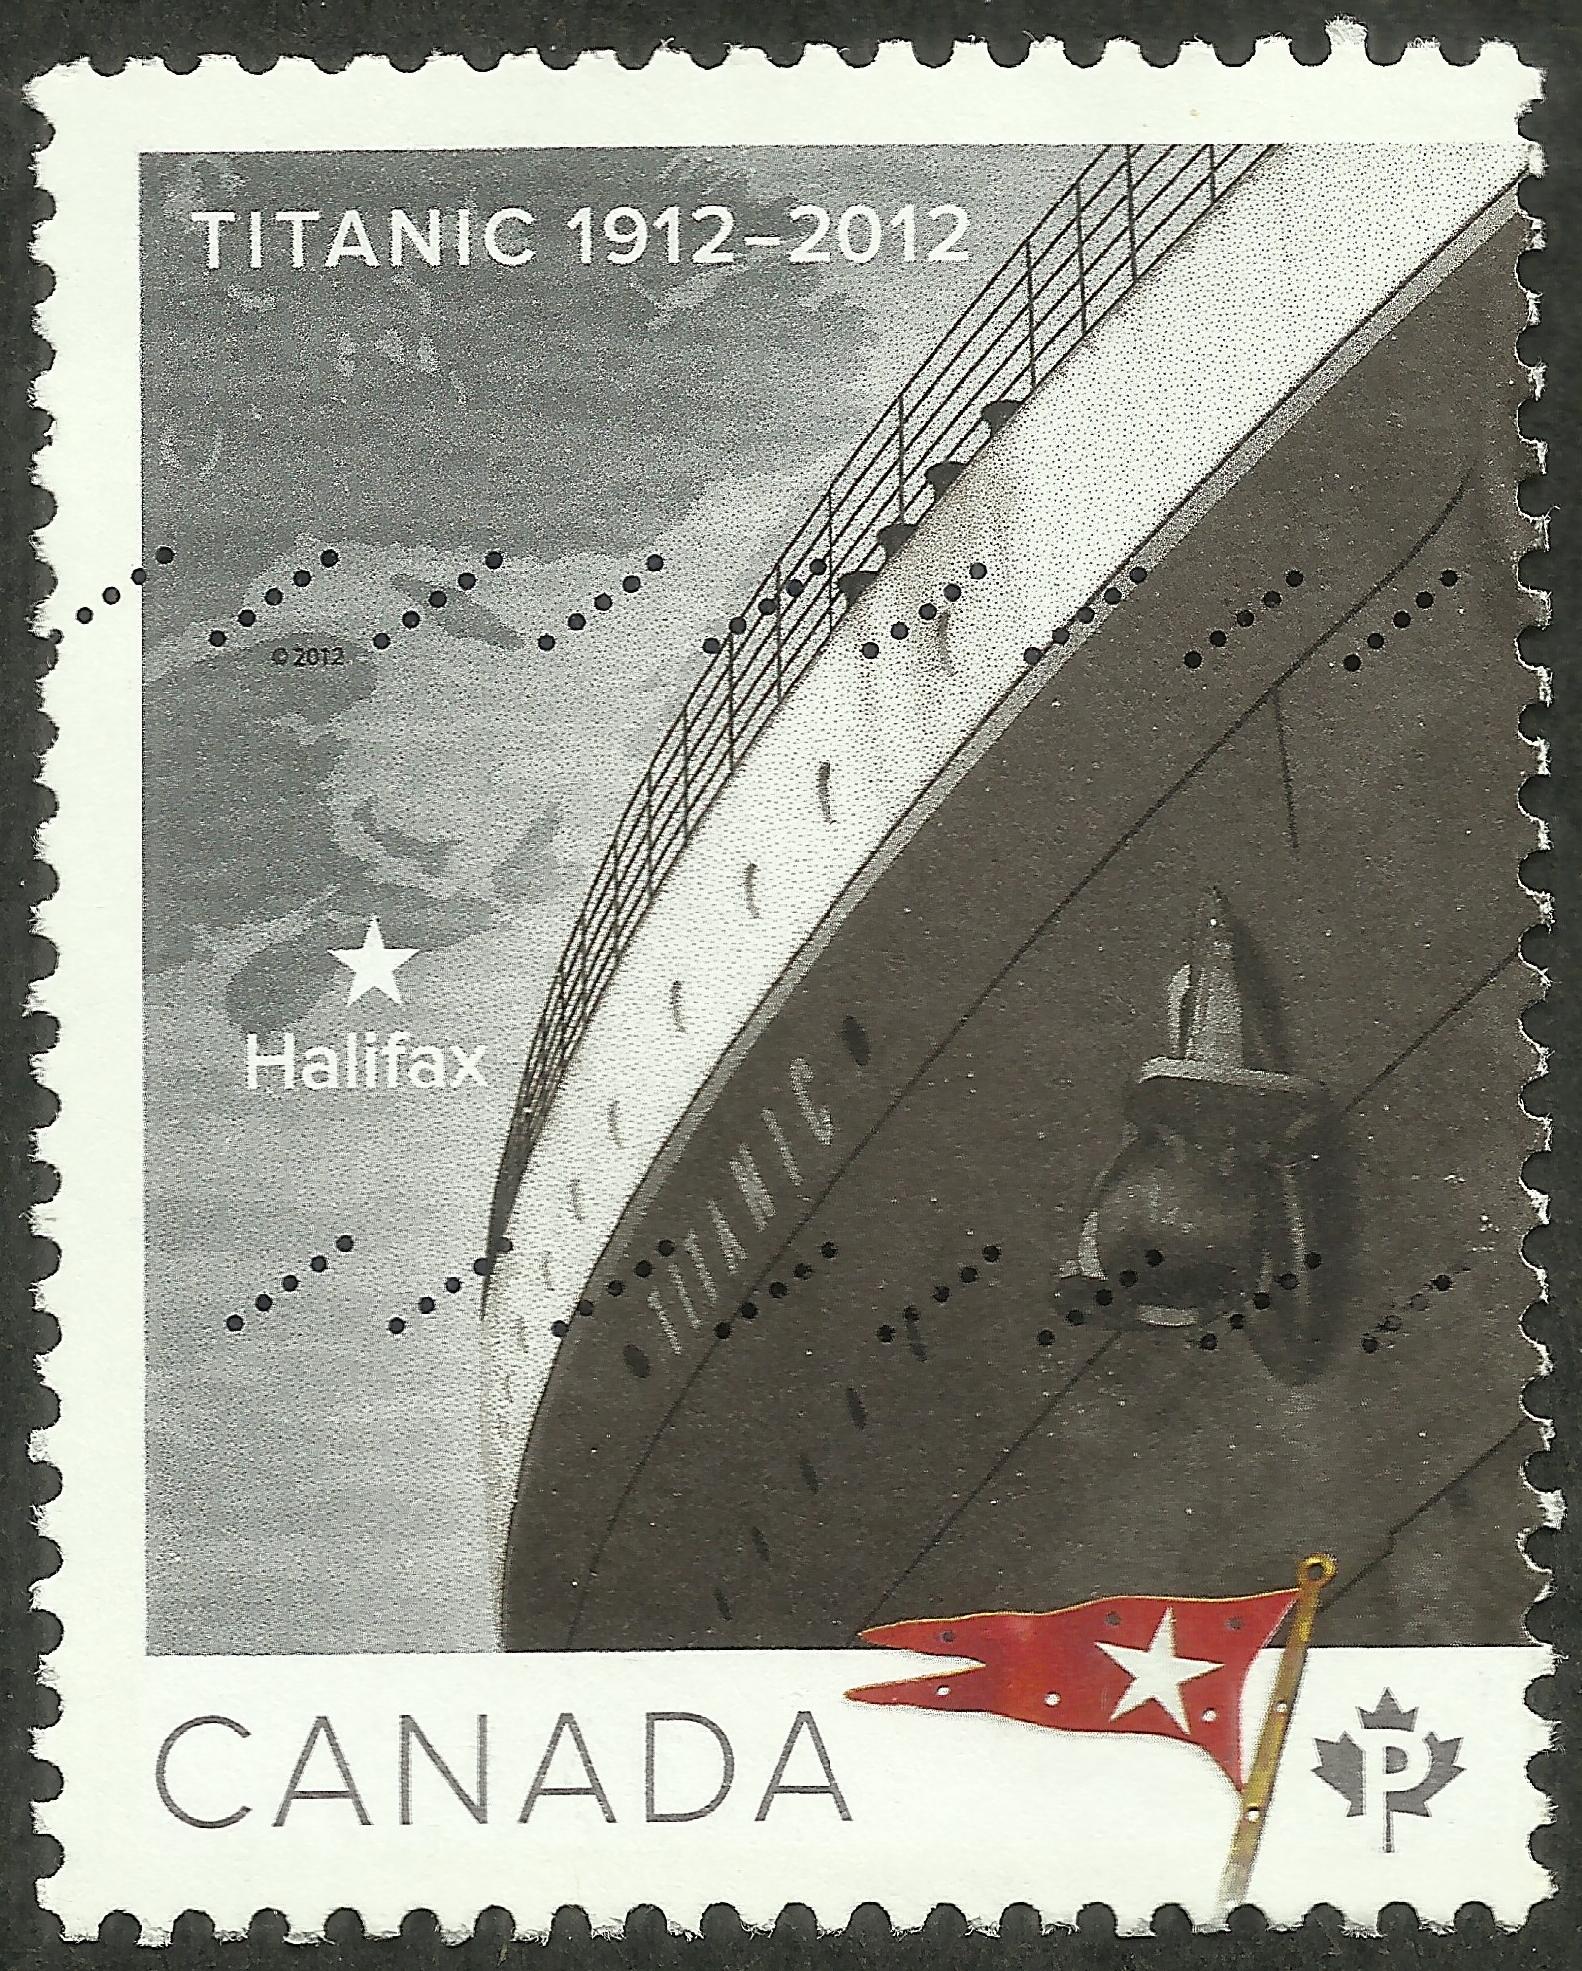 Canada #2531 (2012)